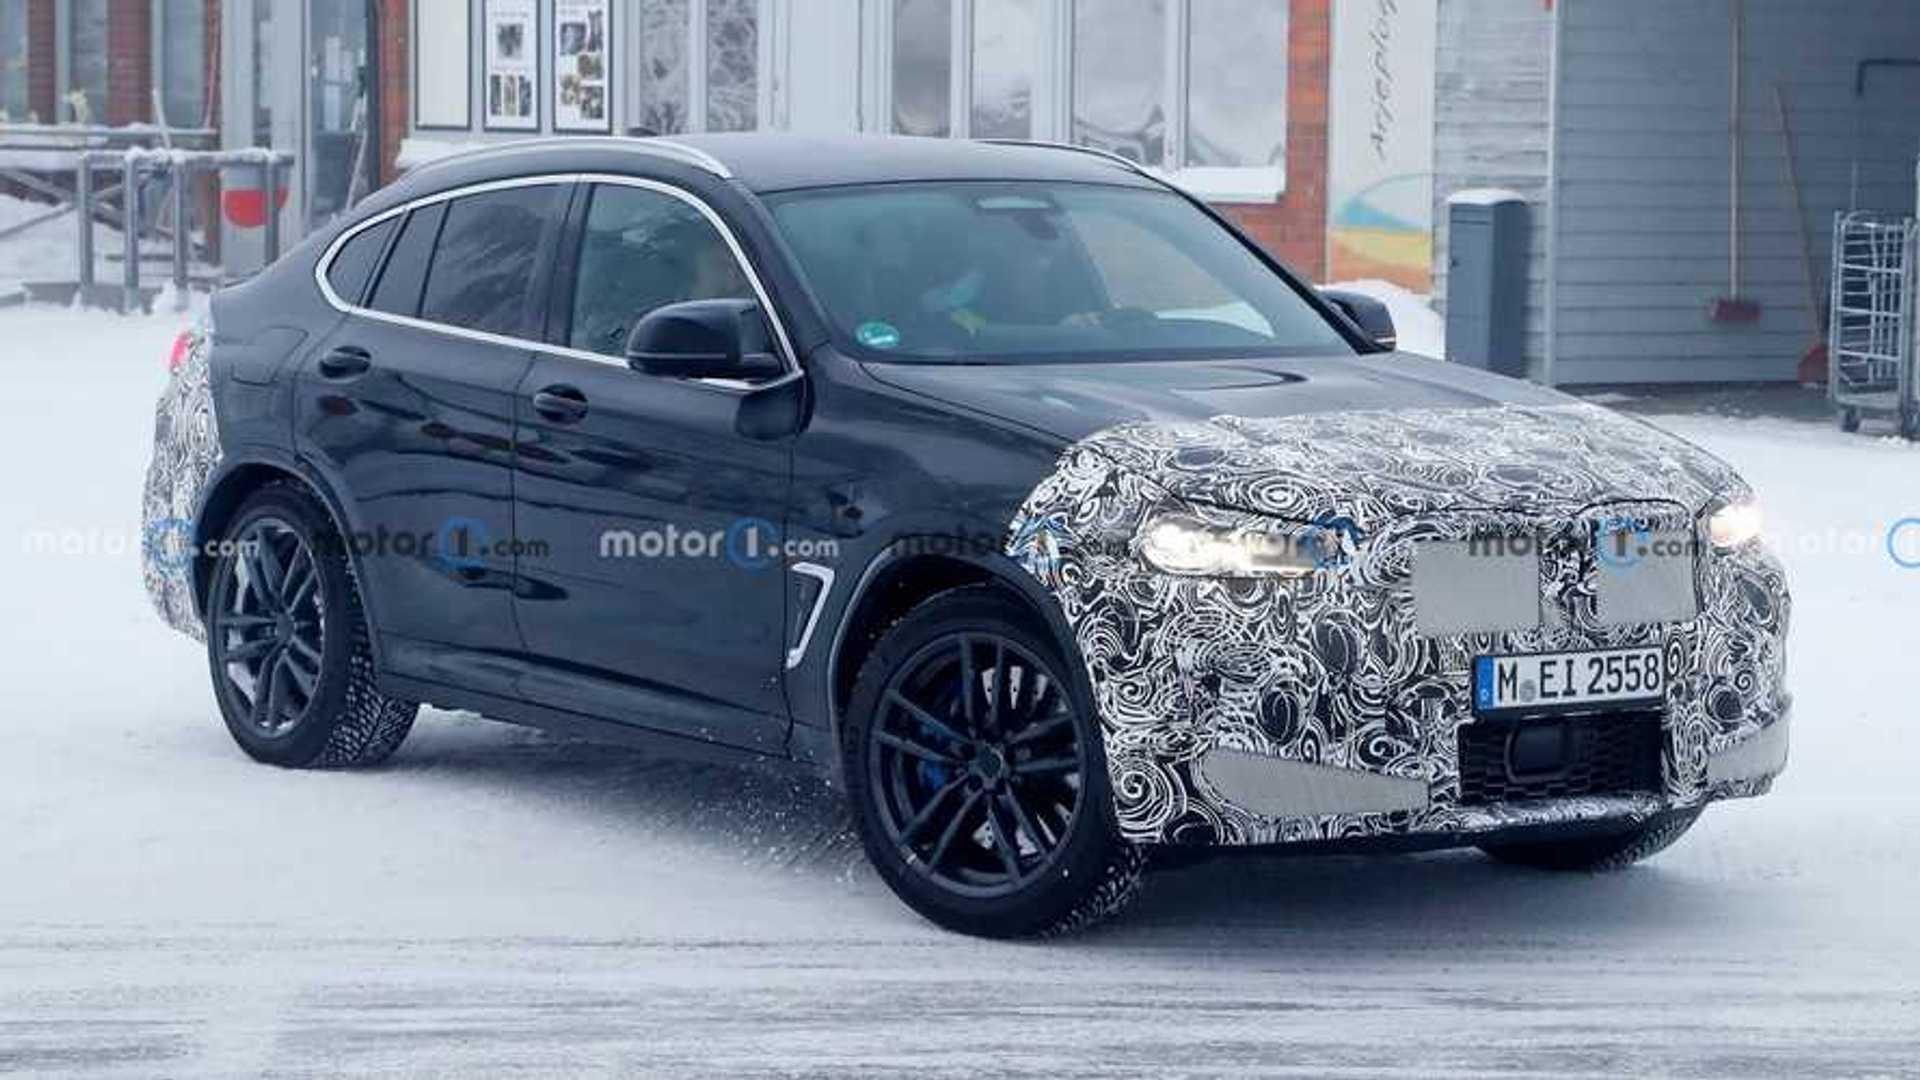 Прототип BMW X4 M 2022 года был замечен во время зимних испытаний, скрывая подтяжку лица